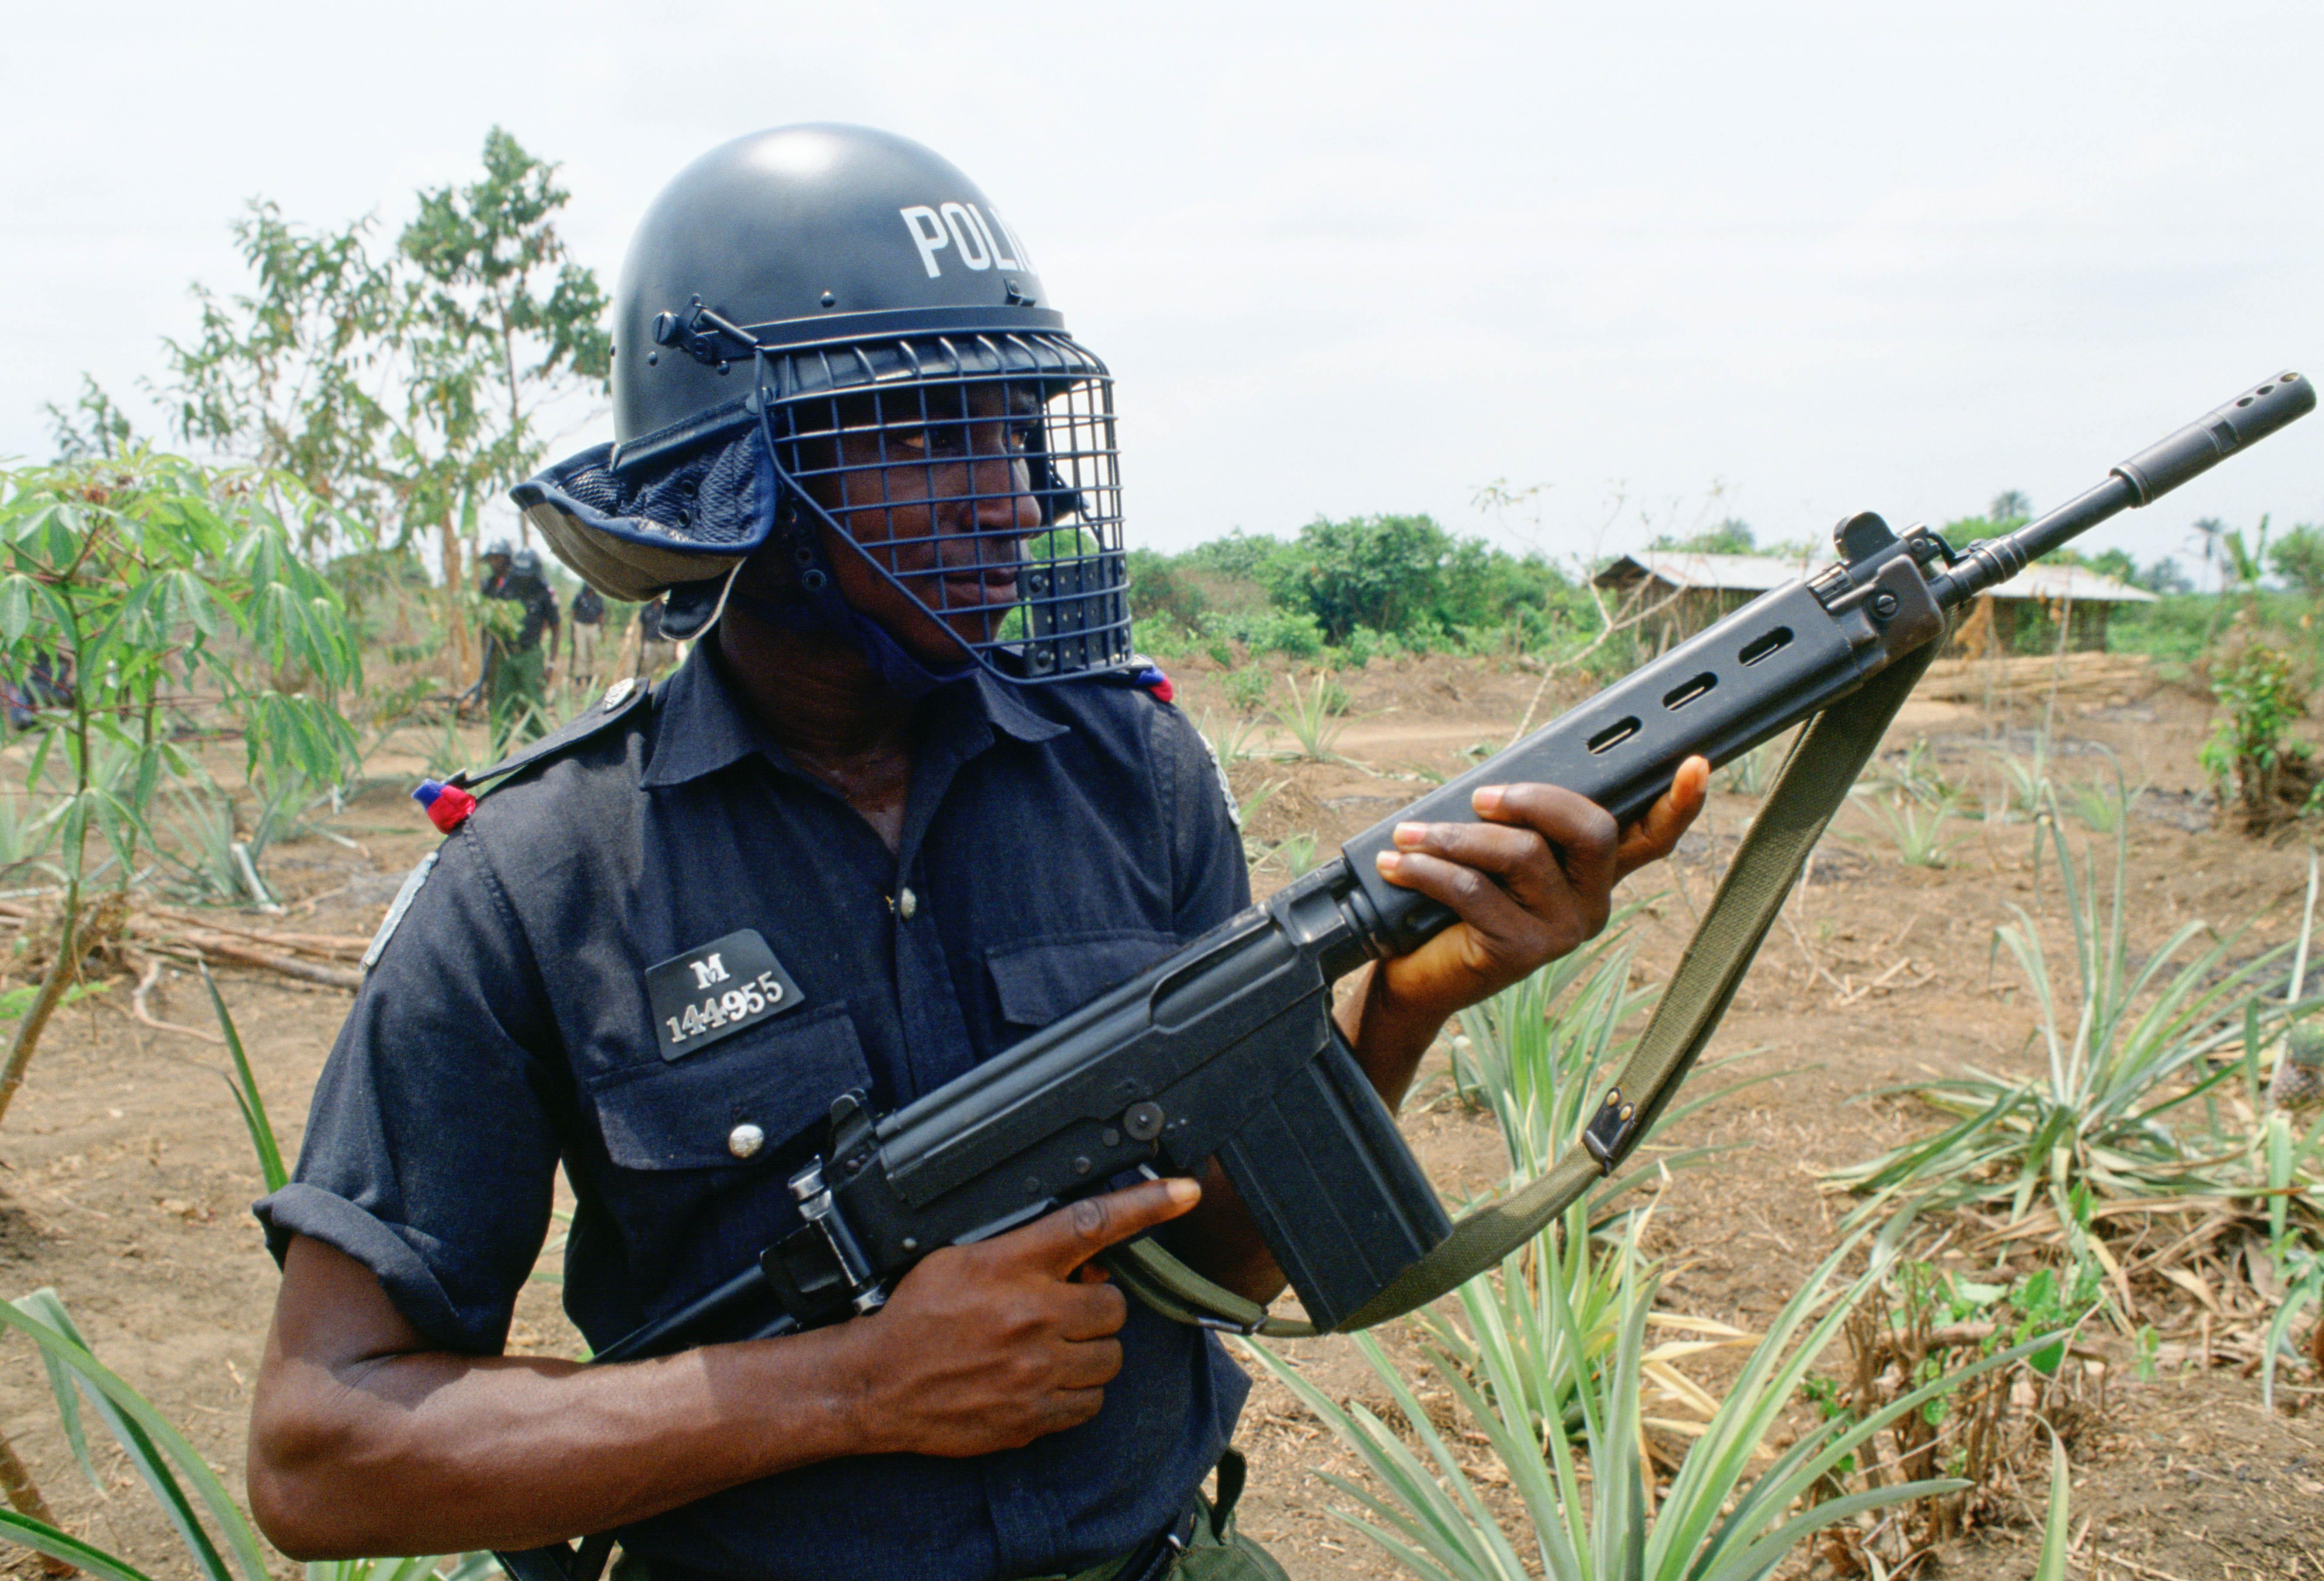 Atentat terorist la o scoala din Nigeria. Trei elevi au fost ucisi dupa ce membri ai gruparii Boko Haram au deschis focul